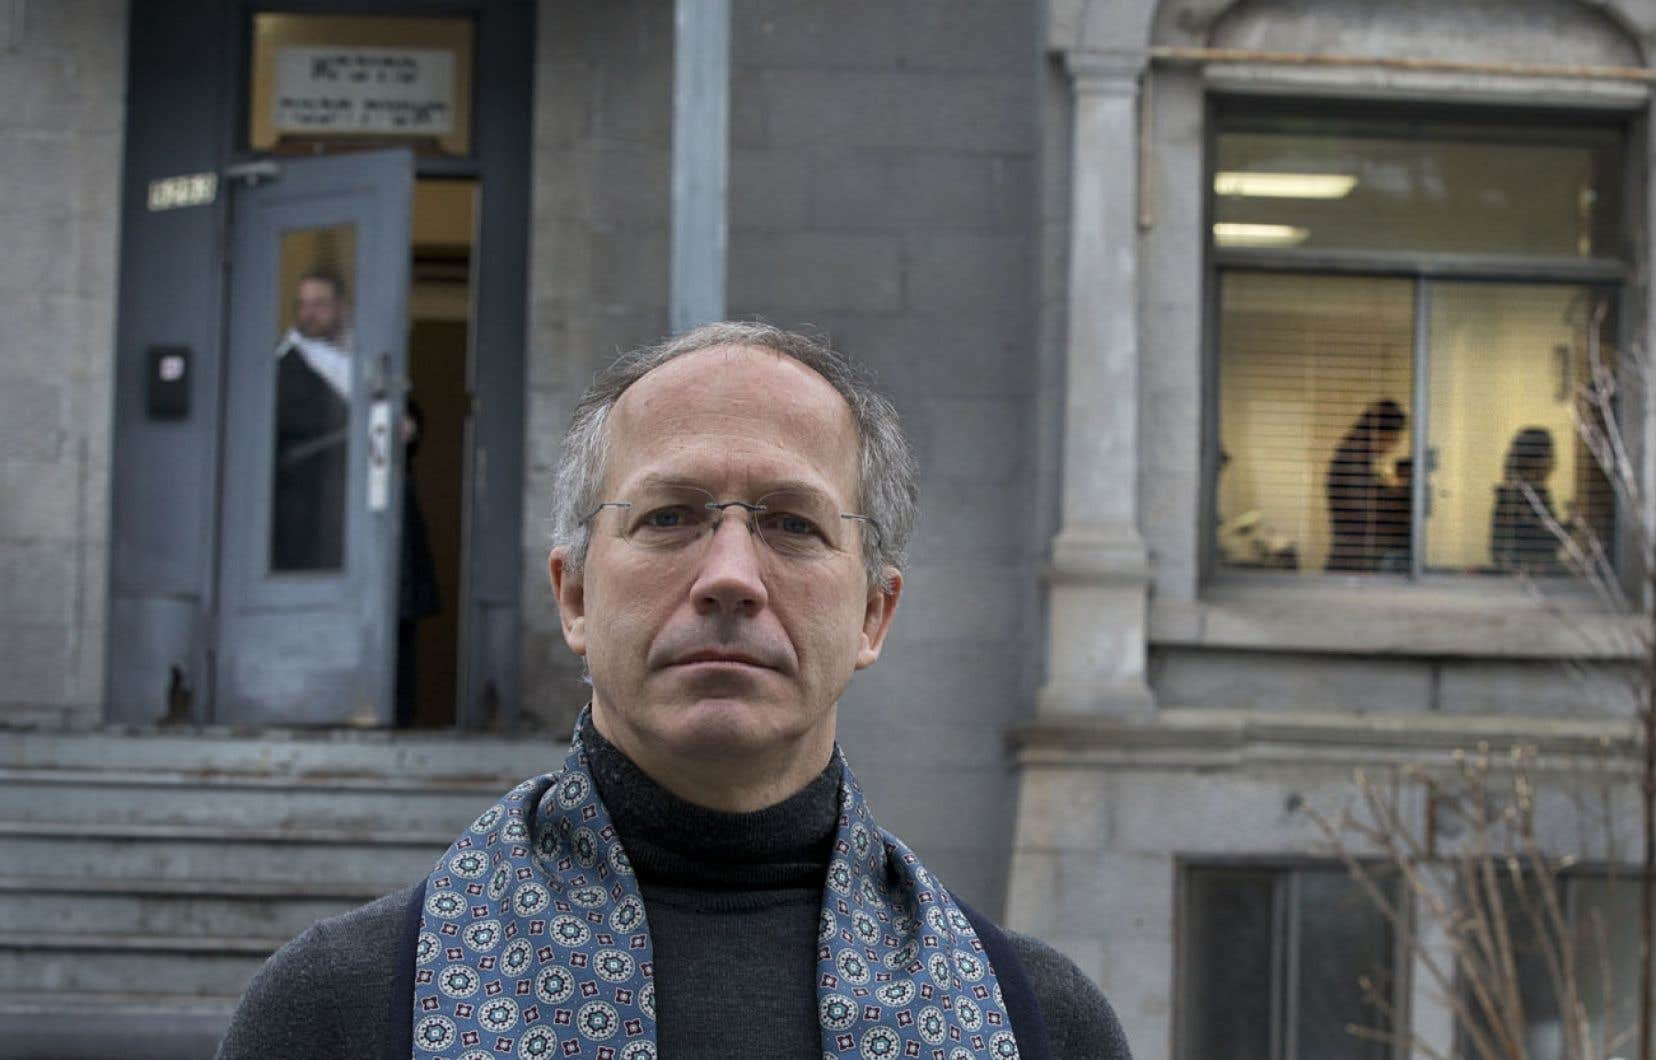 Pierre Lacerte documente les infractions de stationnement commises par les trois hassidim afin d'alimenter son blogue.